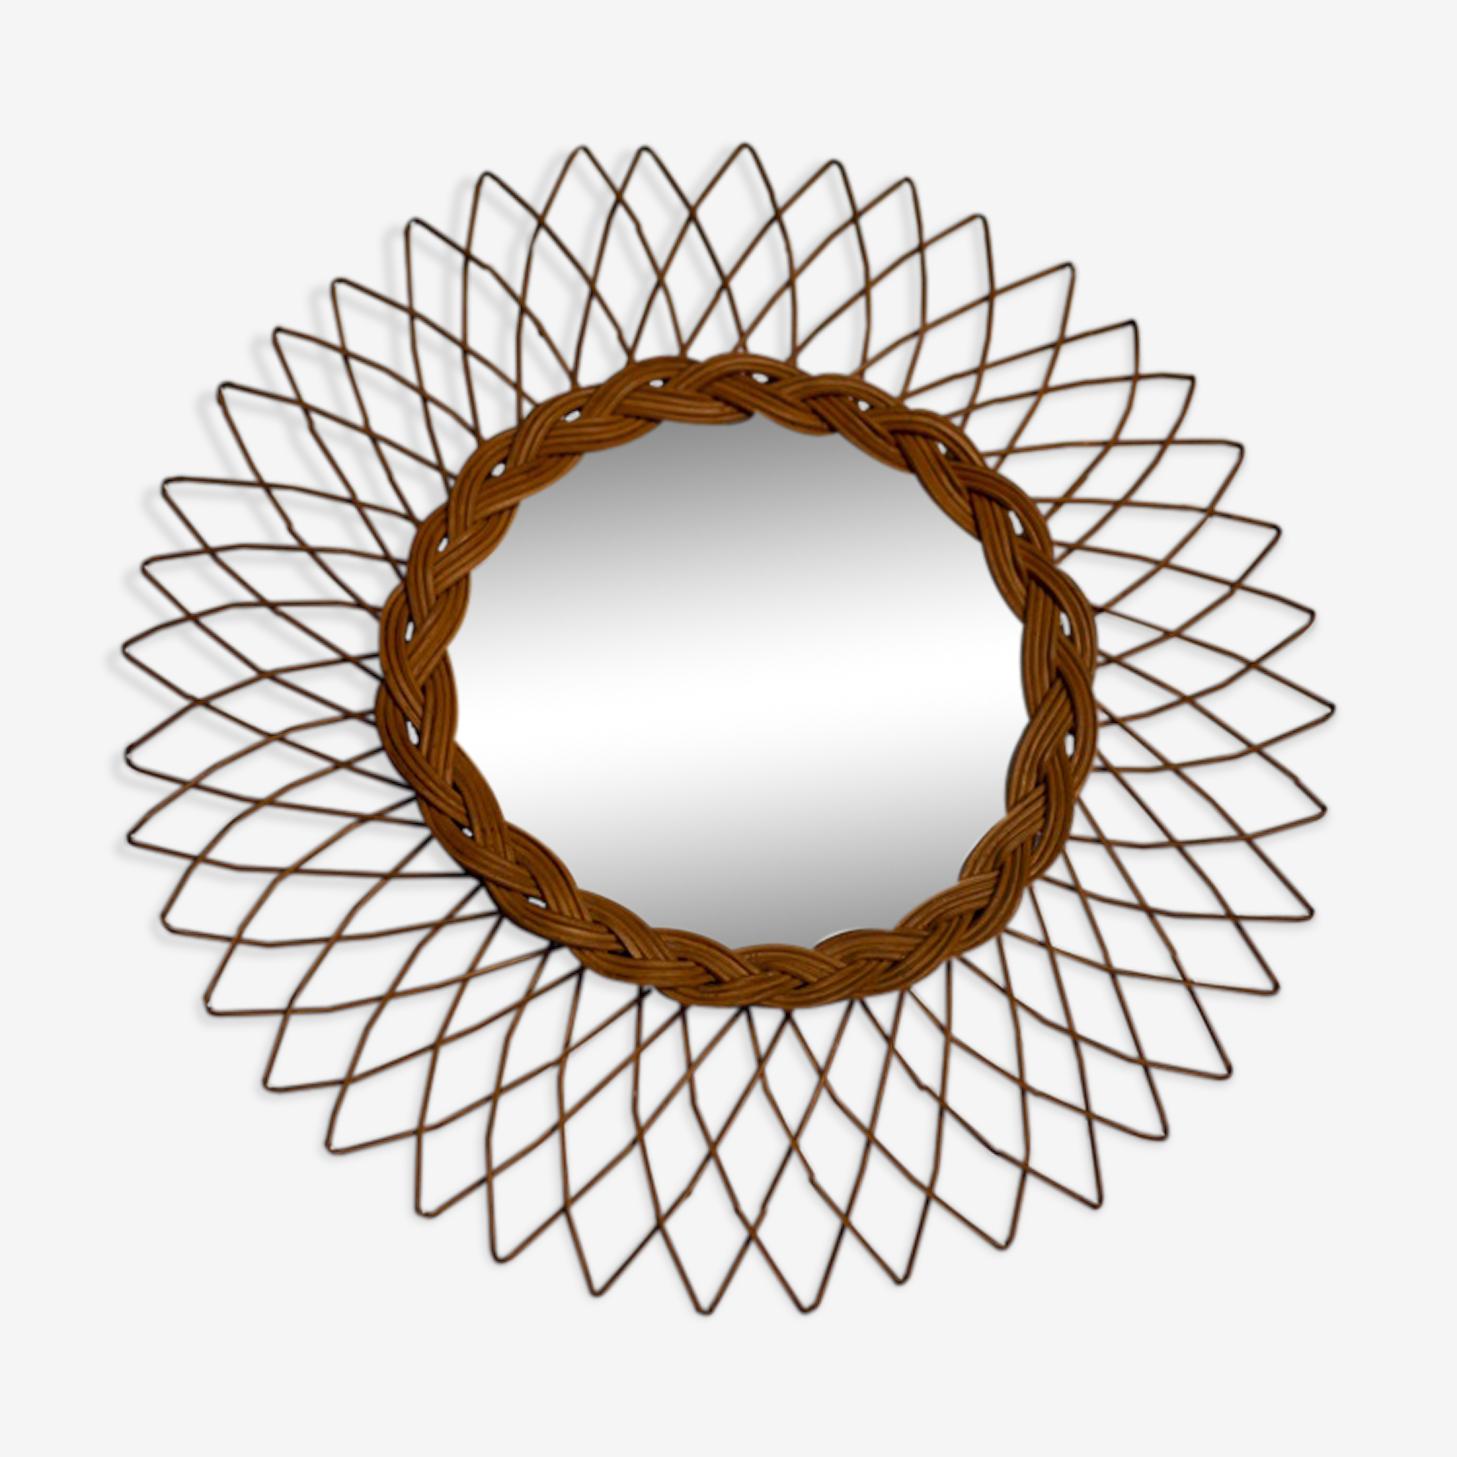 Sun 38 cm rattan mirror